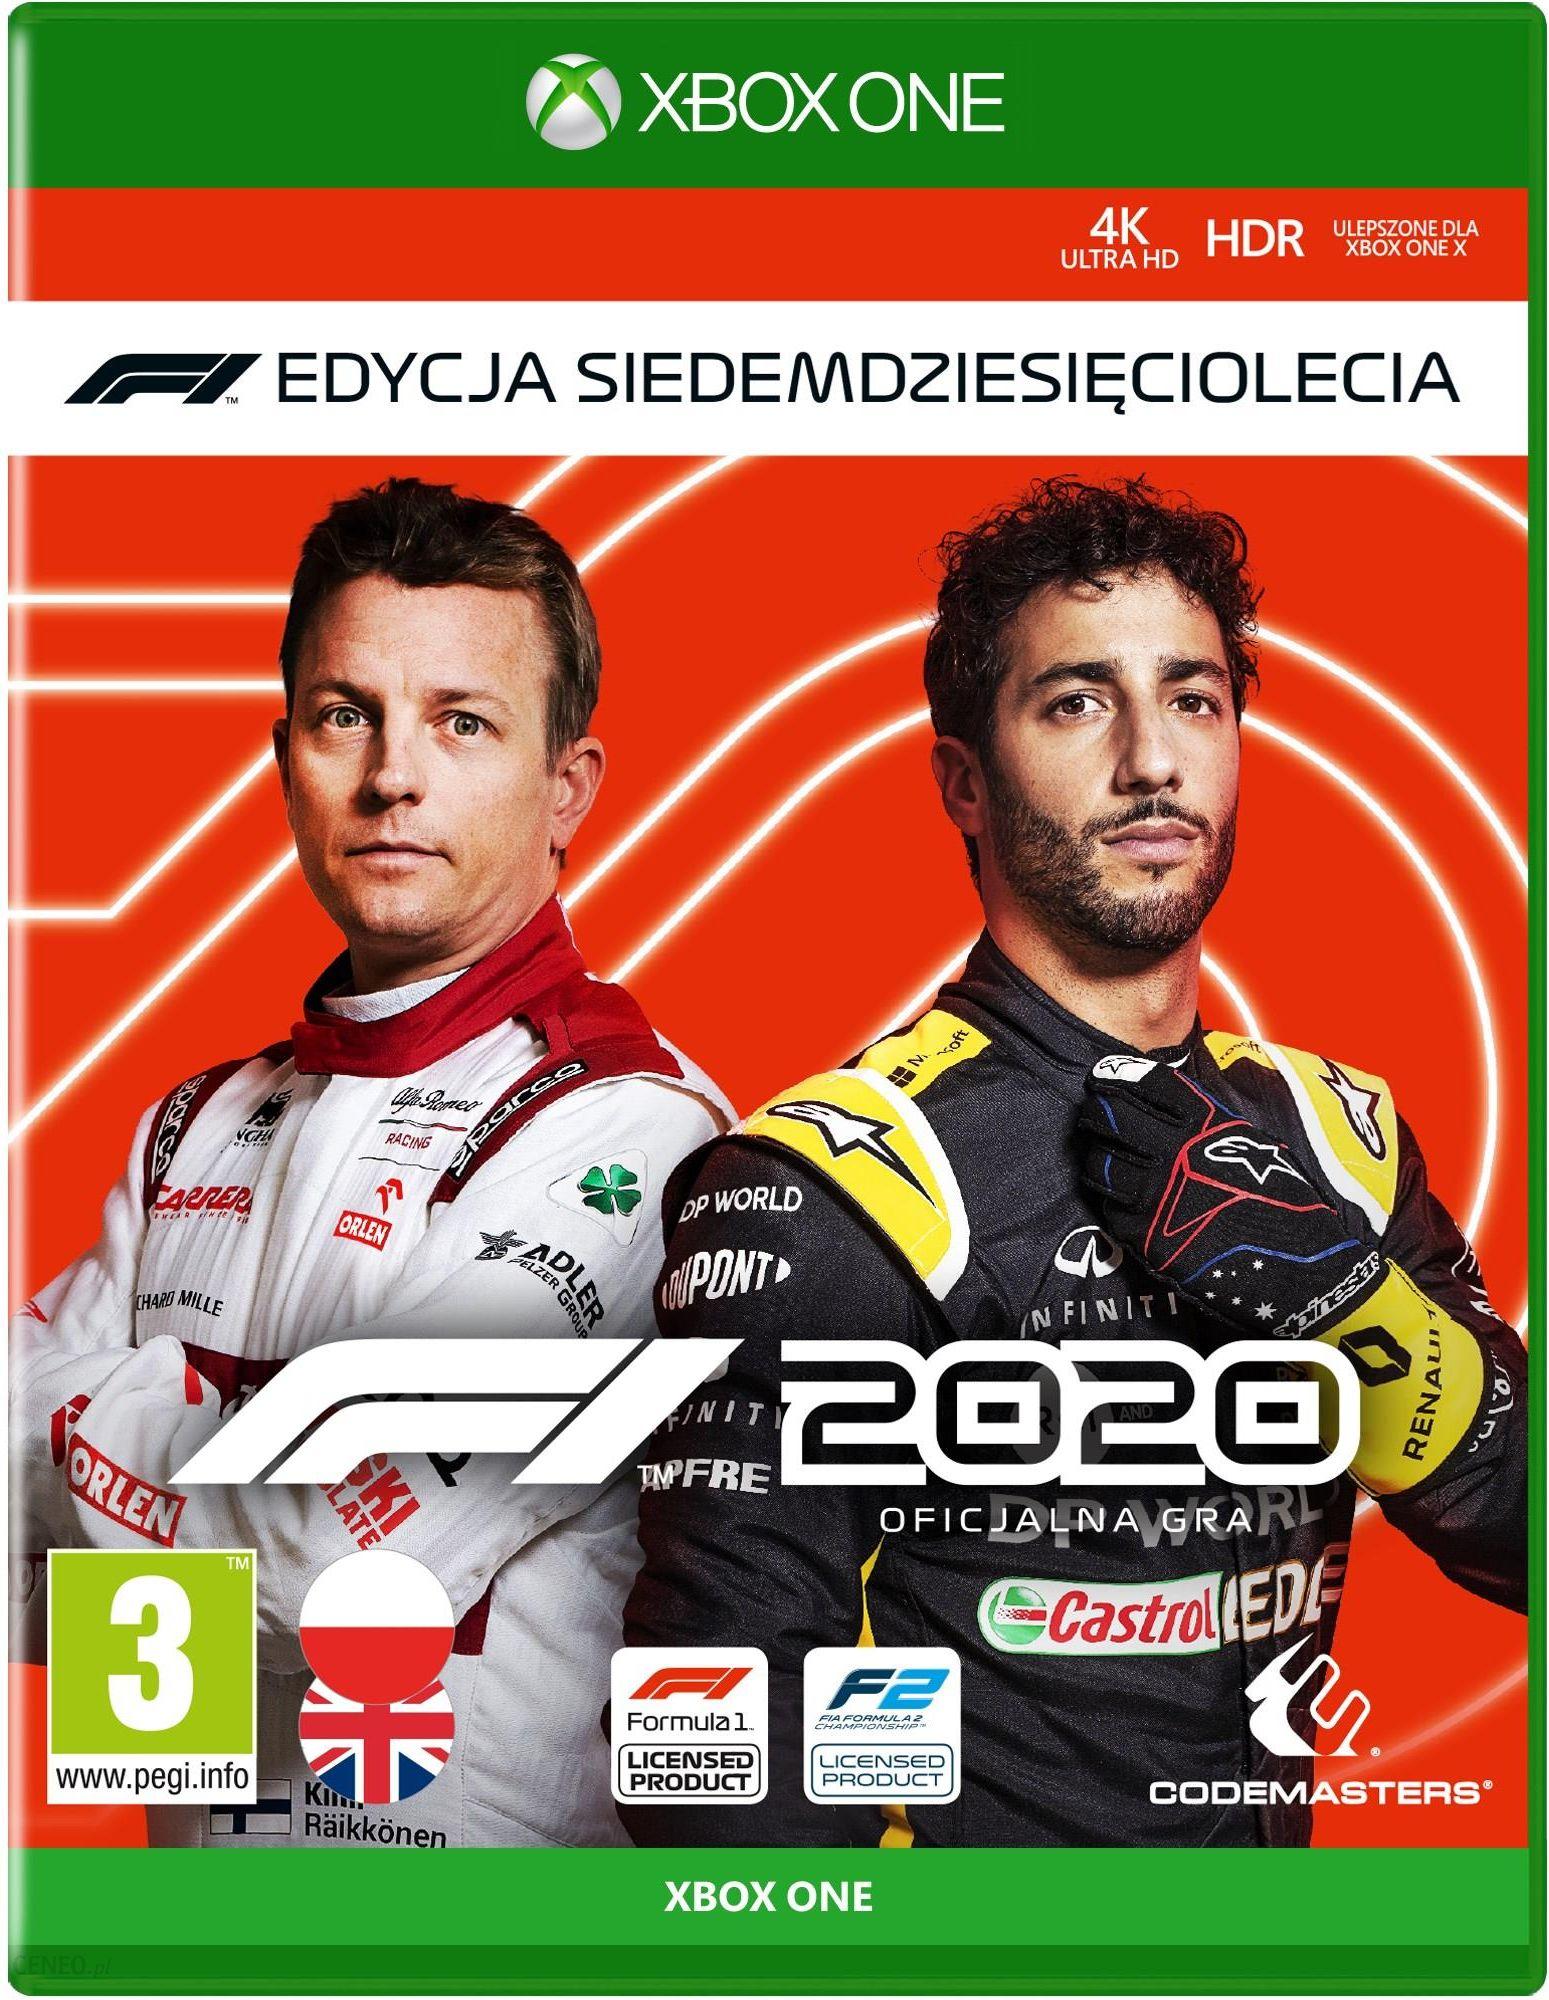 F1 2020 Edycja Siedemdziesieciolecia Gra Xbox One Od 239 00 Zl Ceny I Opinie Ceneo Pl